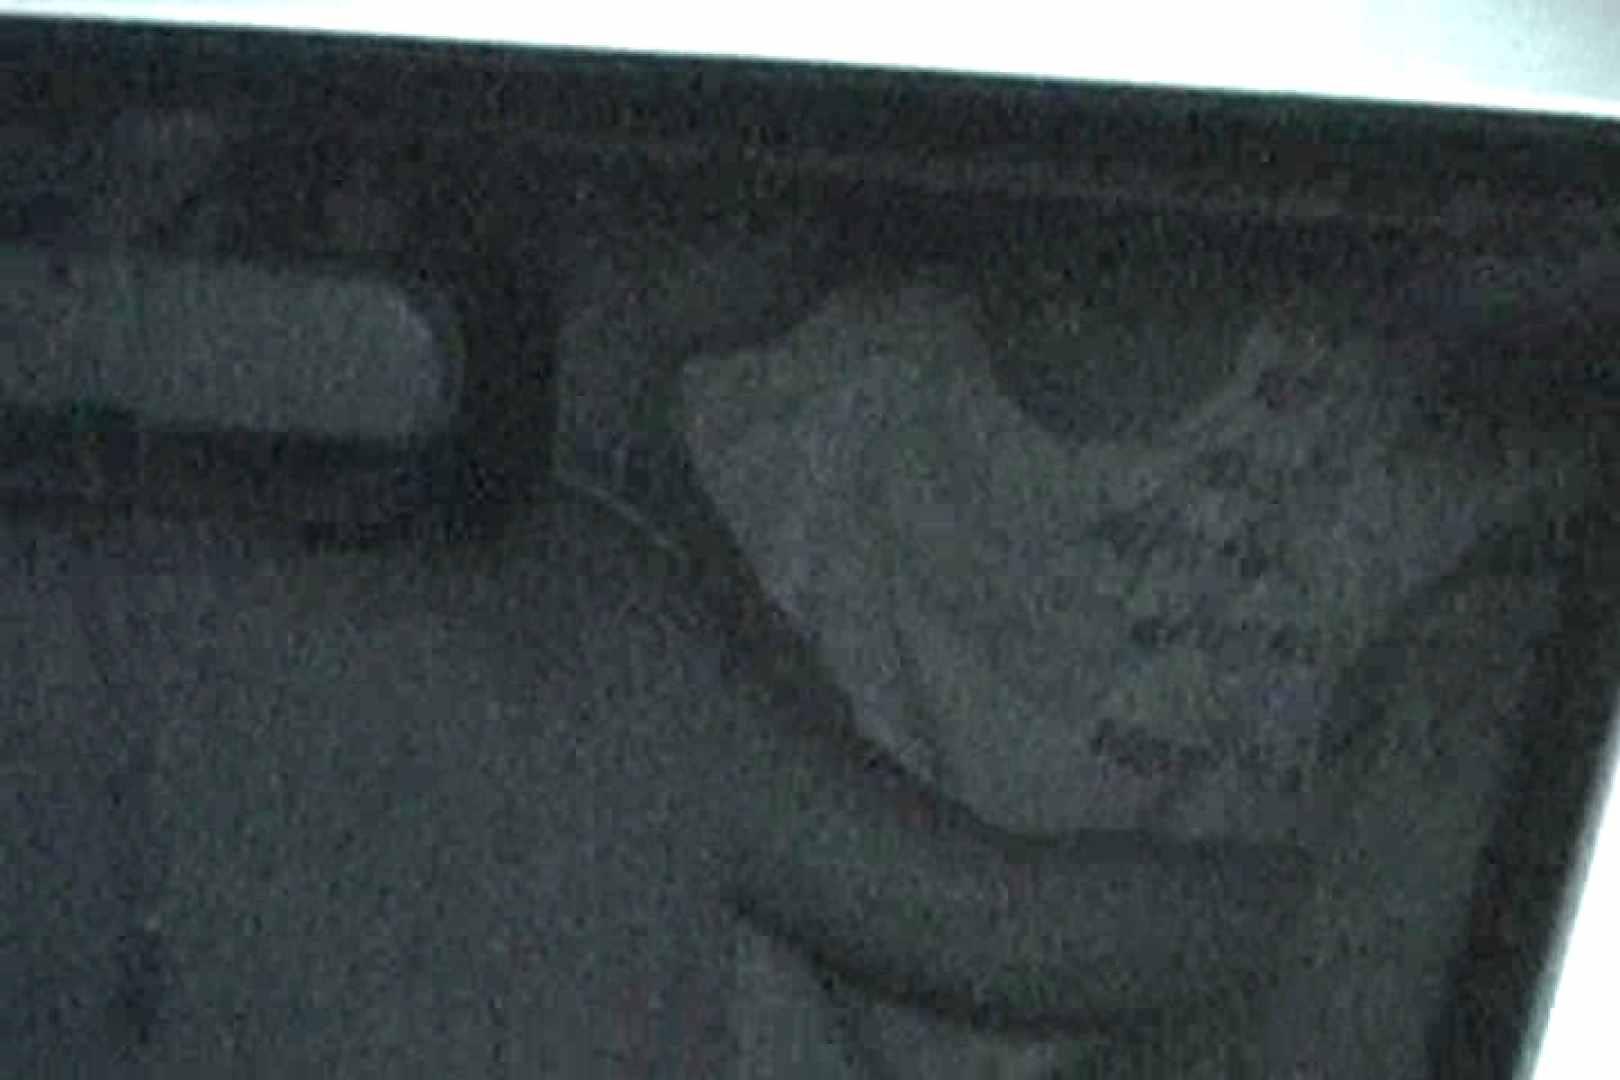 充血監督の深夜の運動会Vol.22 フェラ 覗きスケベ動画紹介 63連発 19